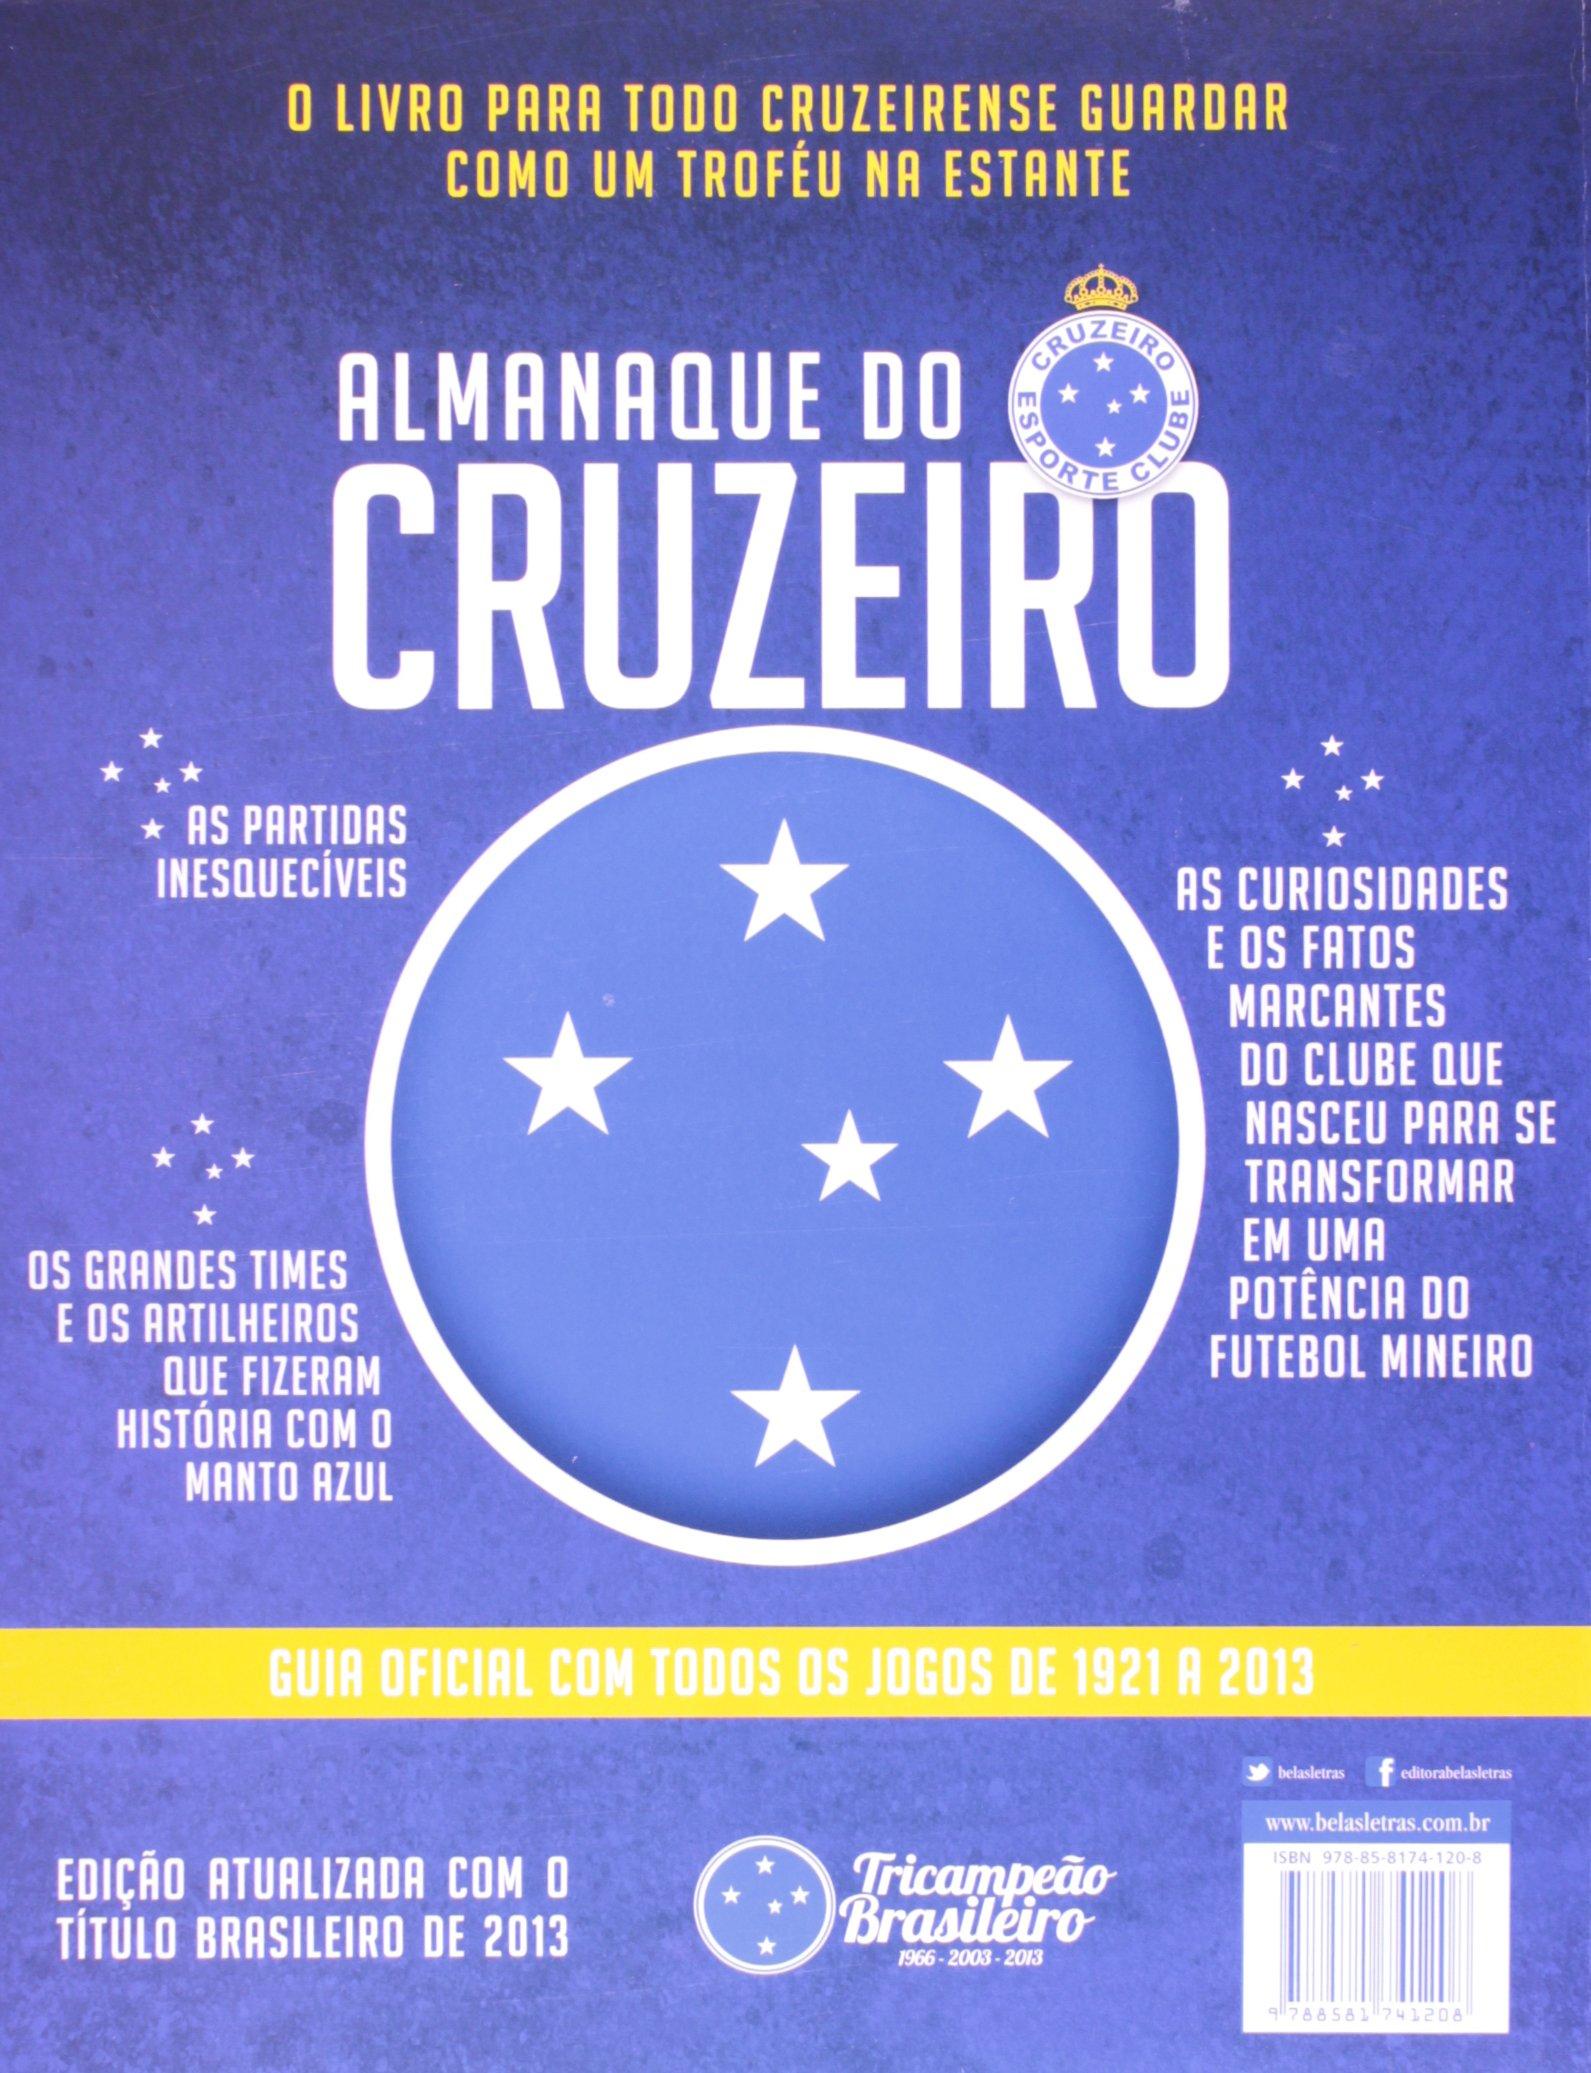 Almanaque do cruzeiro - 9788581741208 - Livros na Amazon Brasil 17b9a235263c4